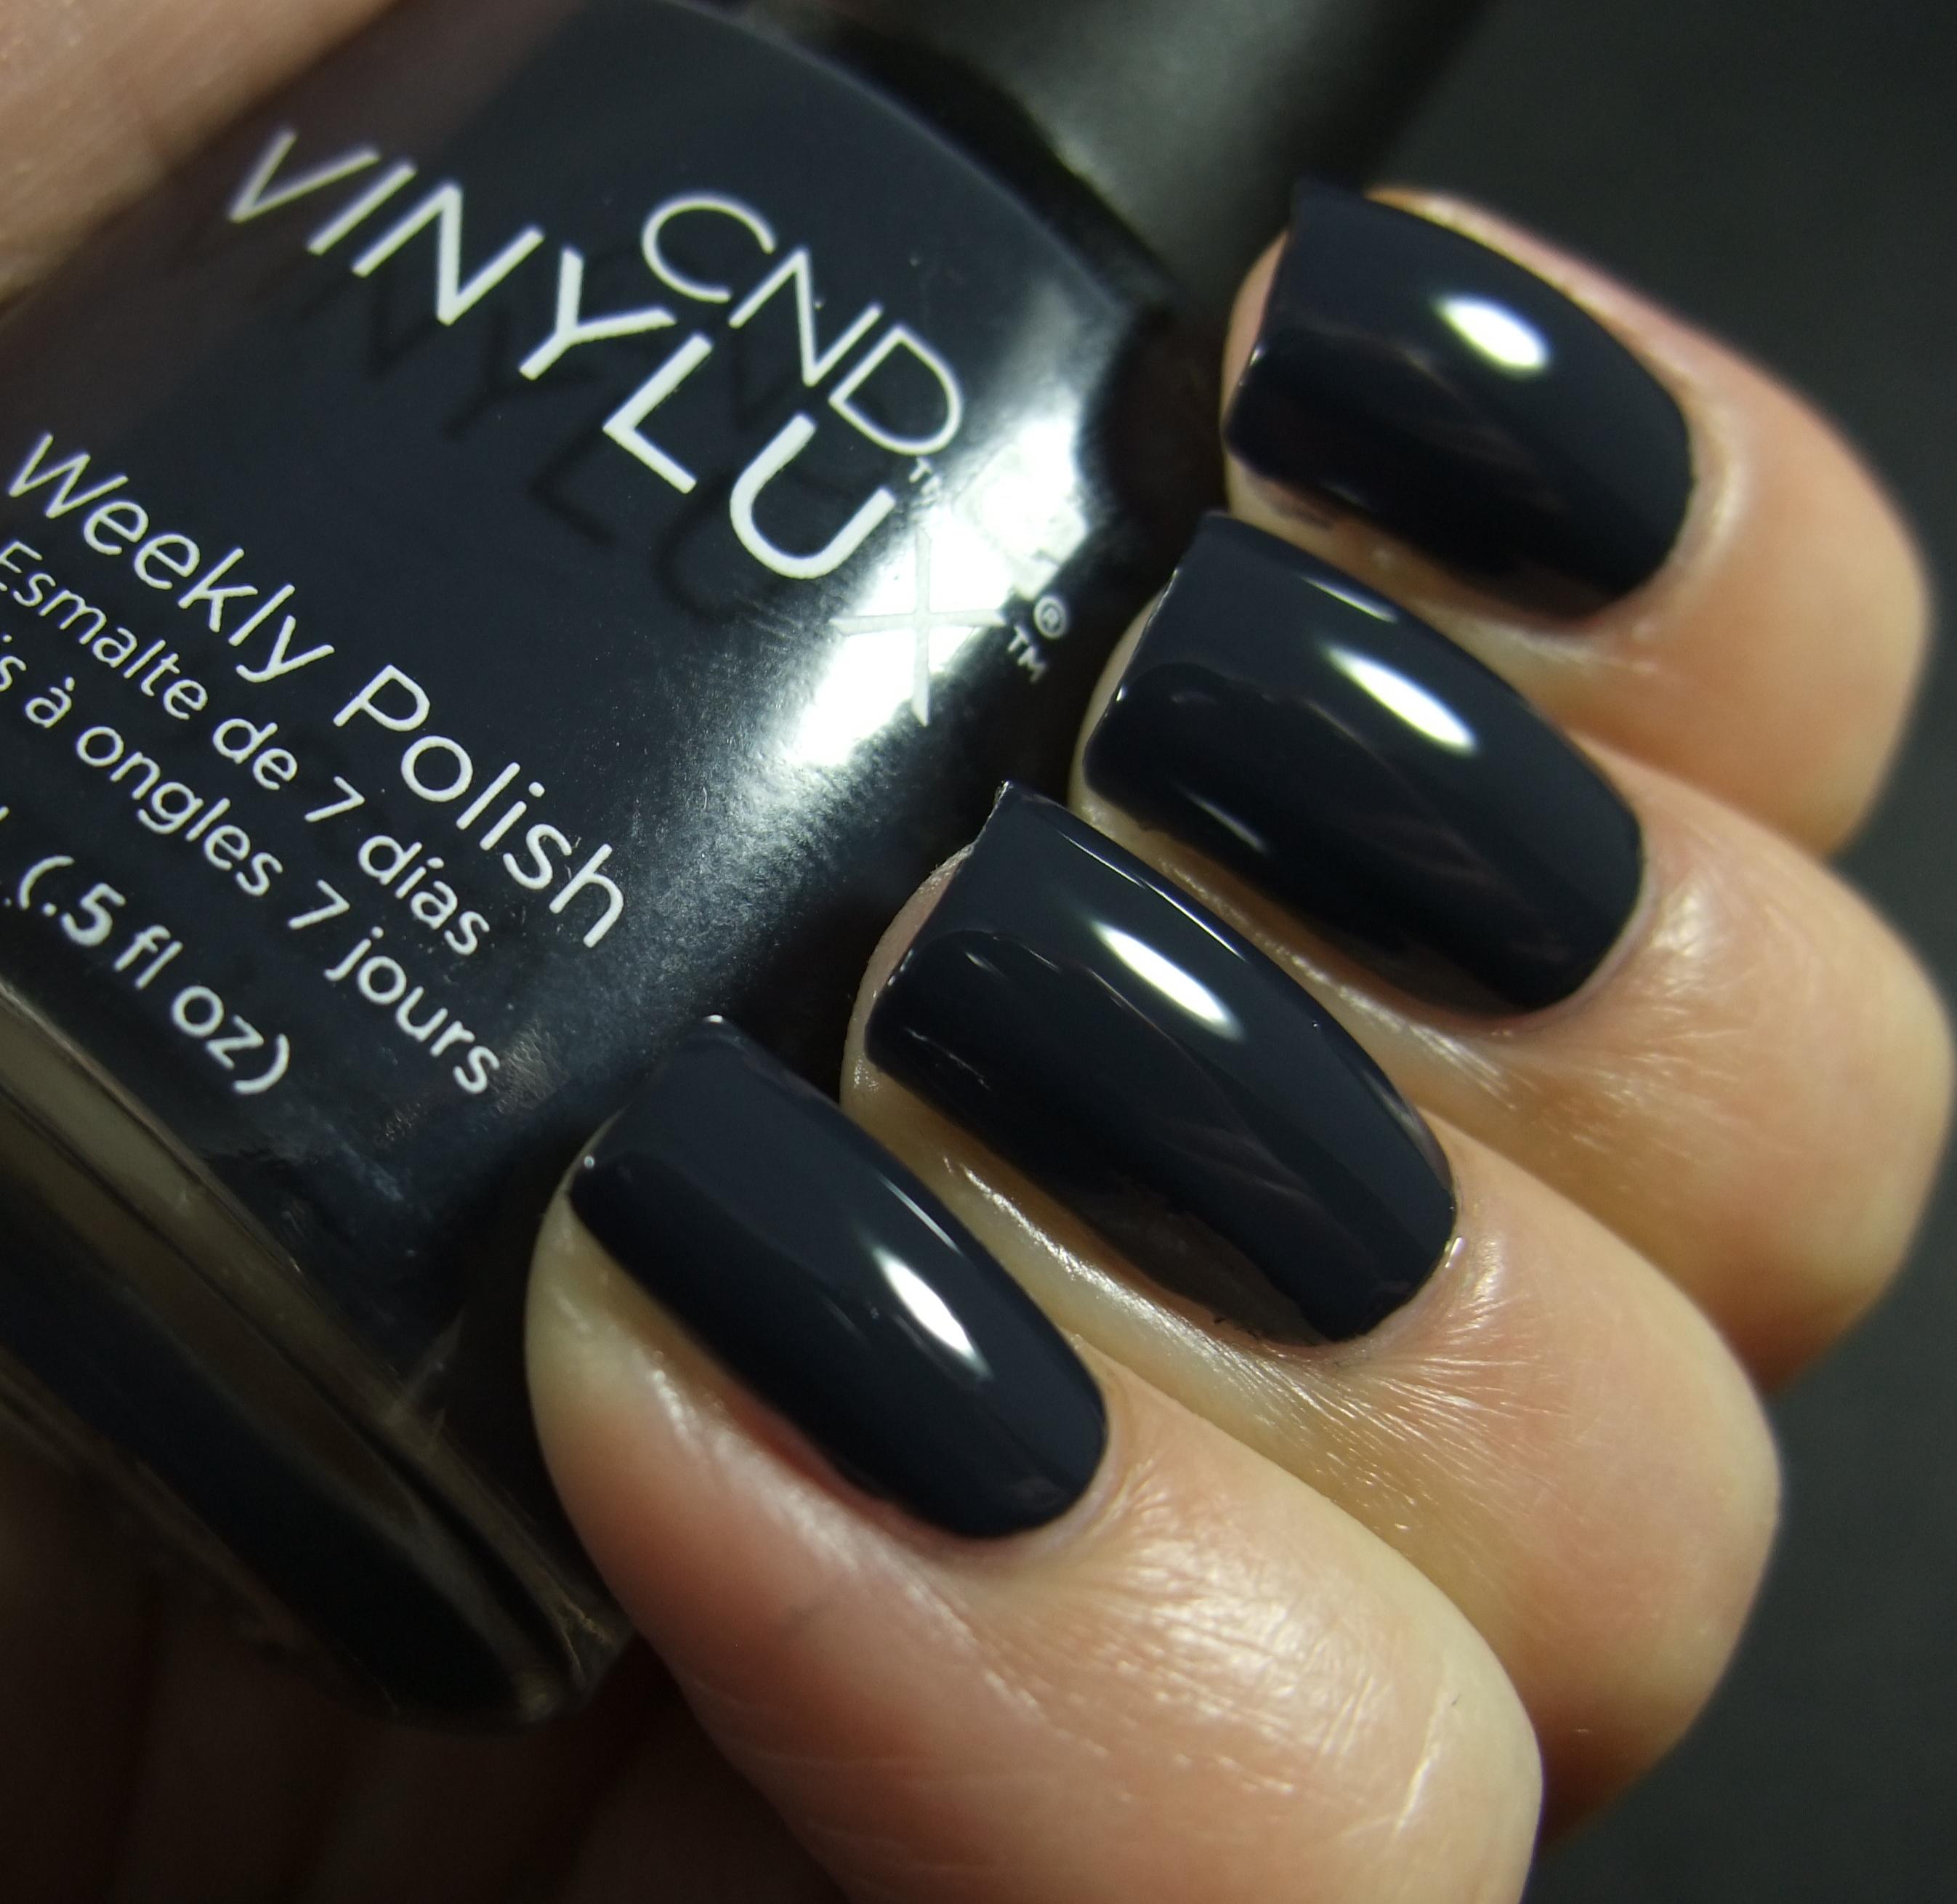 Cnd overtly onyx фото на ногтях